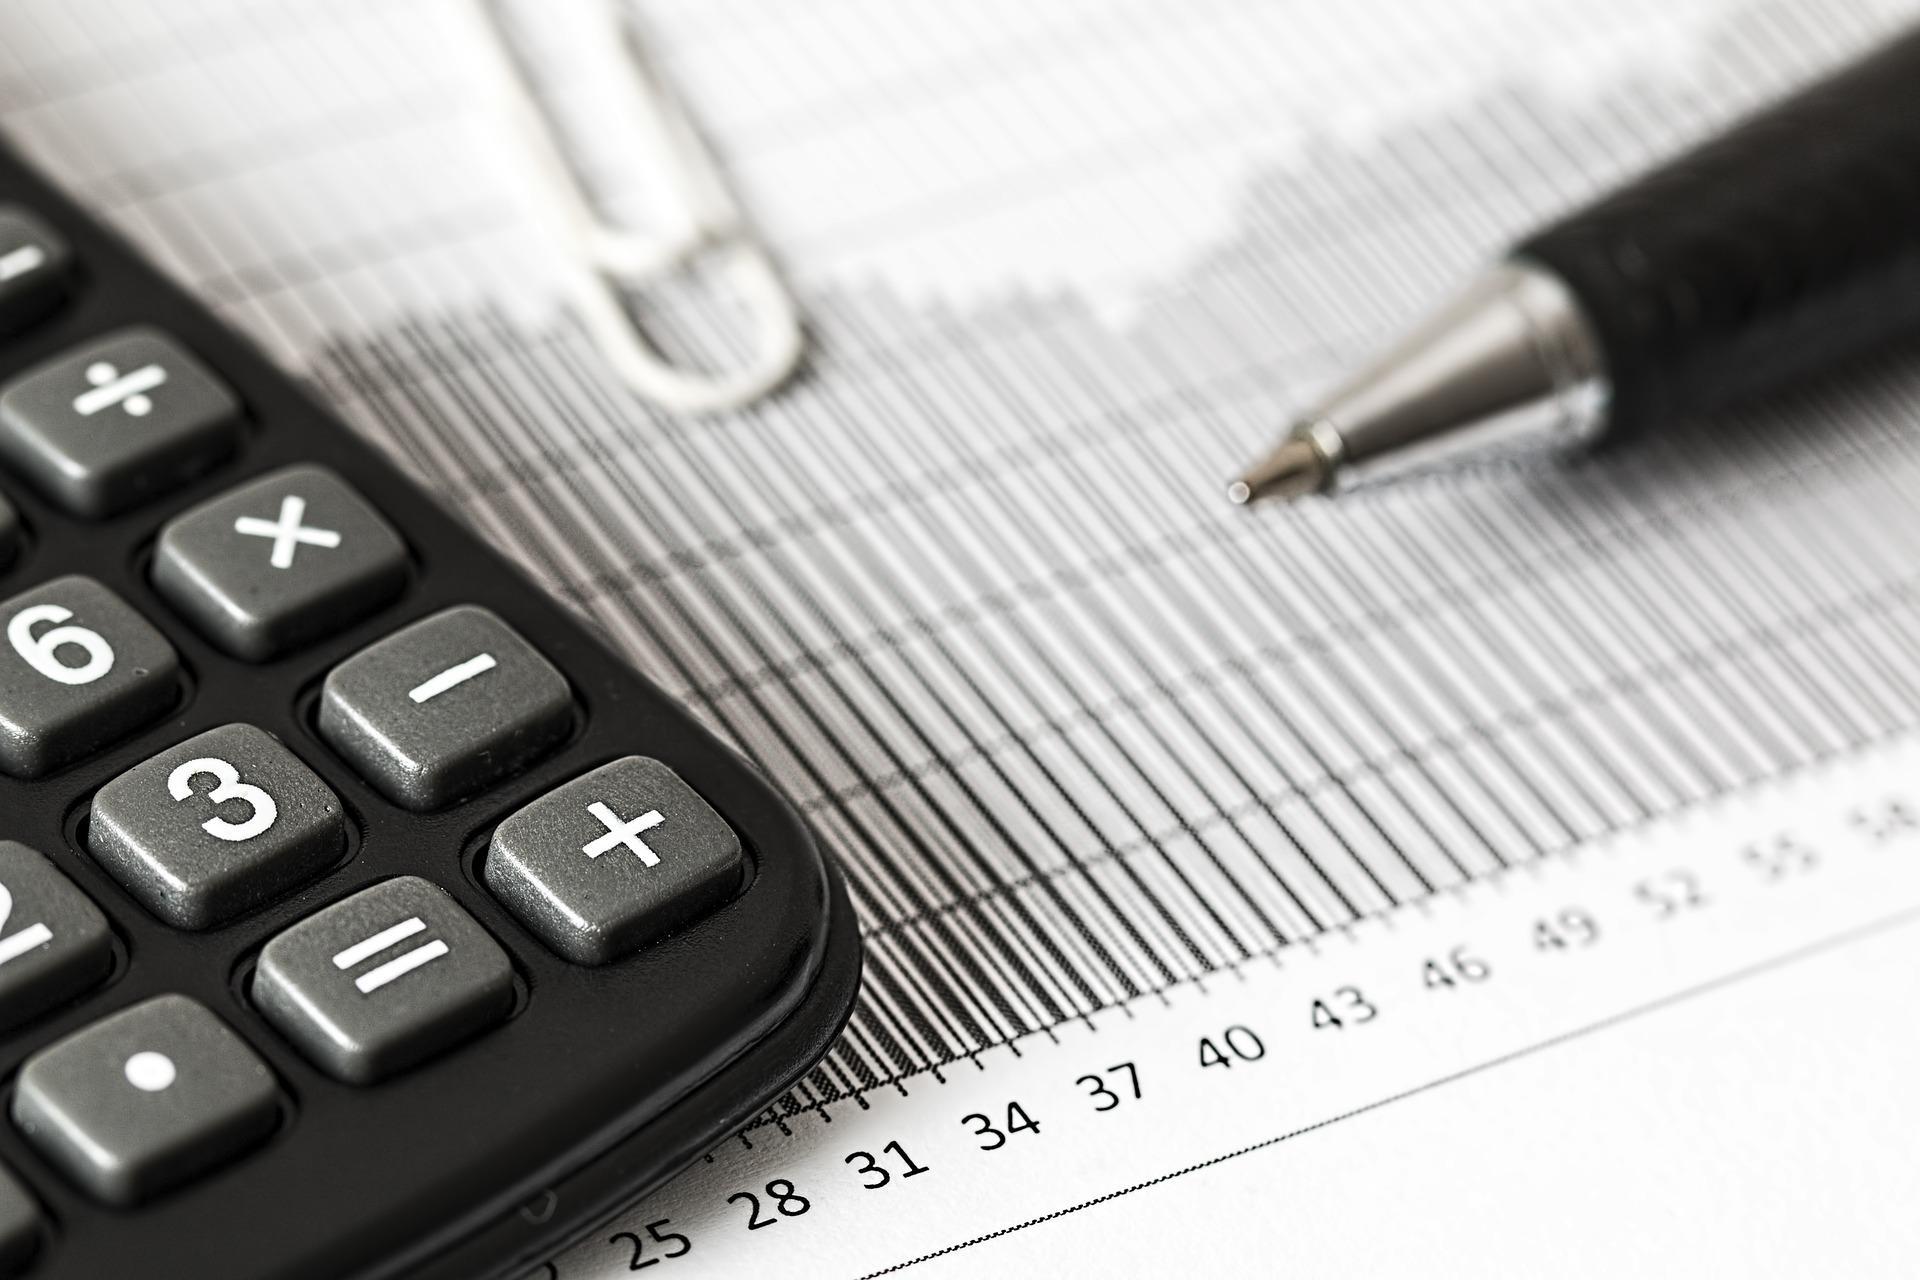 Sonderbetriebseinnahmen einer Immobilien-KG – mit ausschließlich ausländischen Immobilien